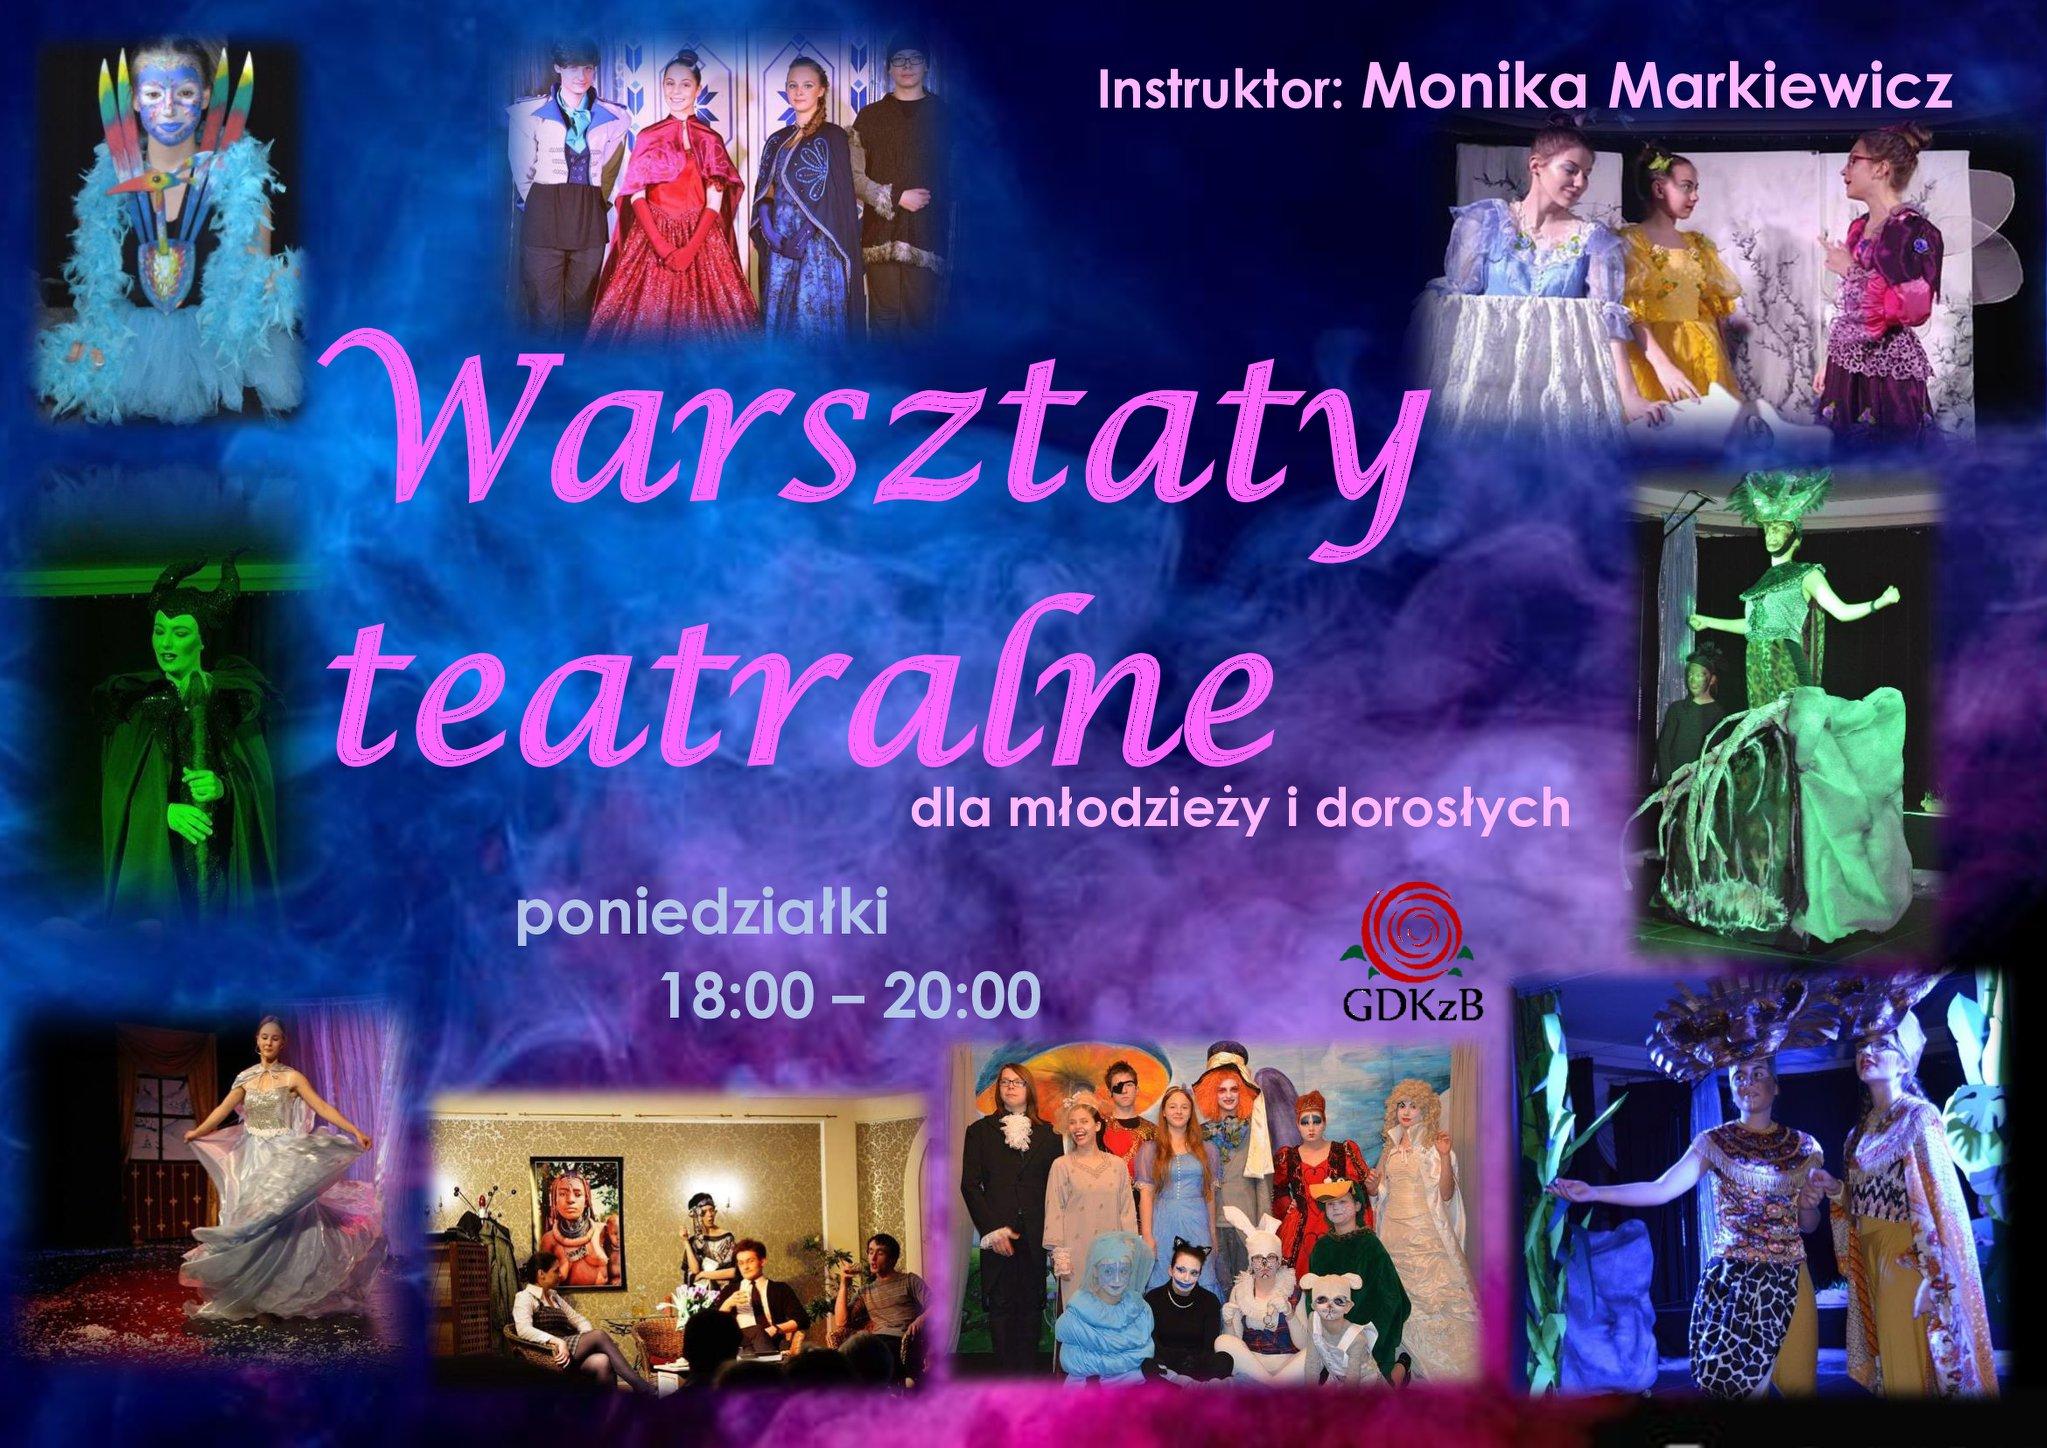 Warsztaty teatralne, instruktor Monika Markiewicz, dla młodzieży i dorosłych, poniedziałki 18:00 - 20:00